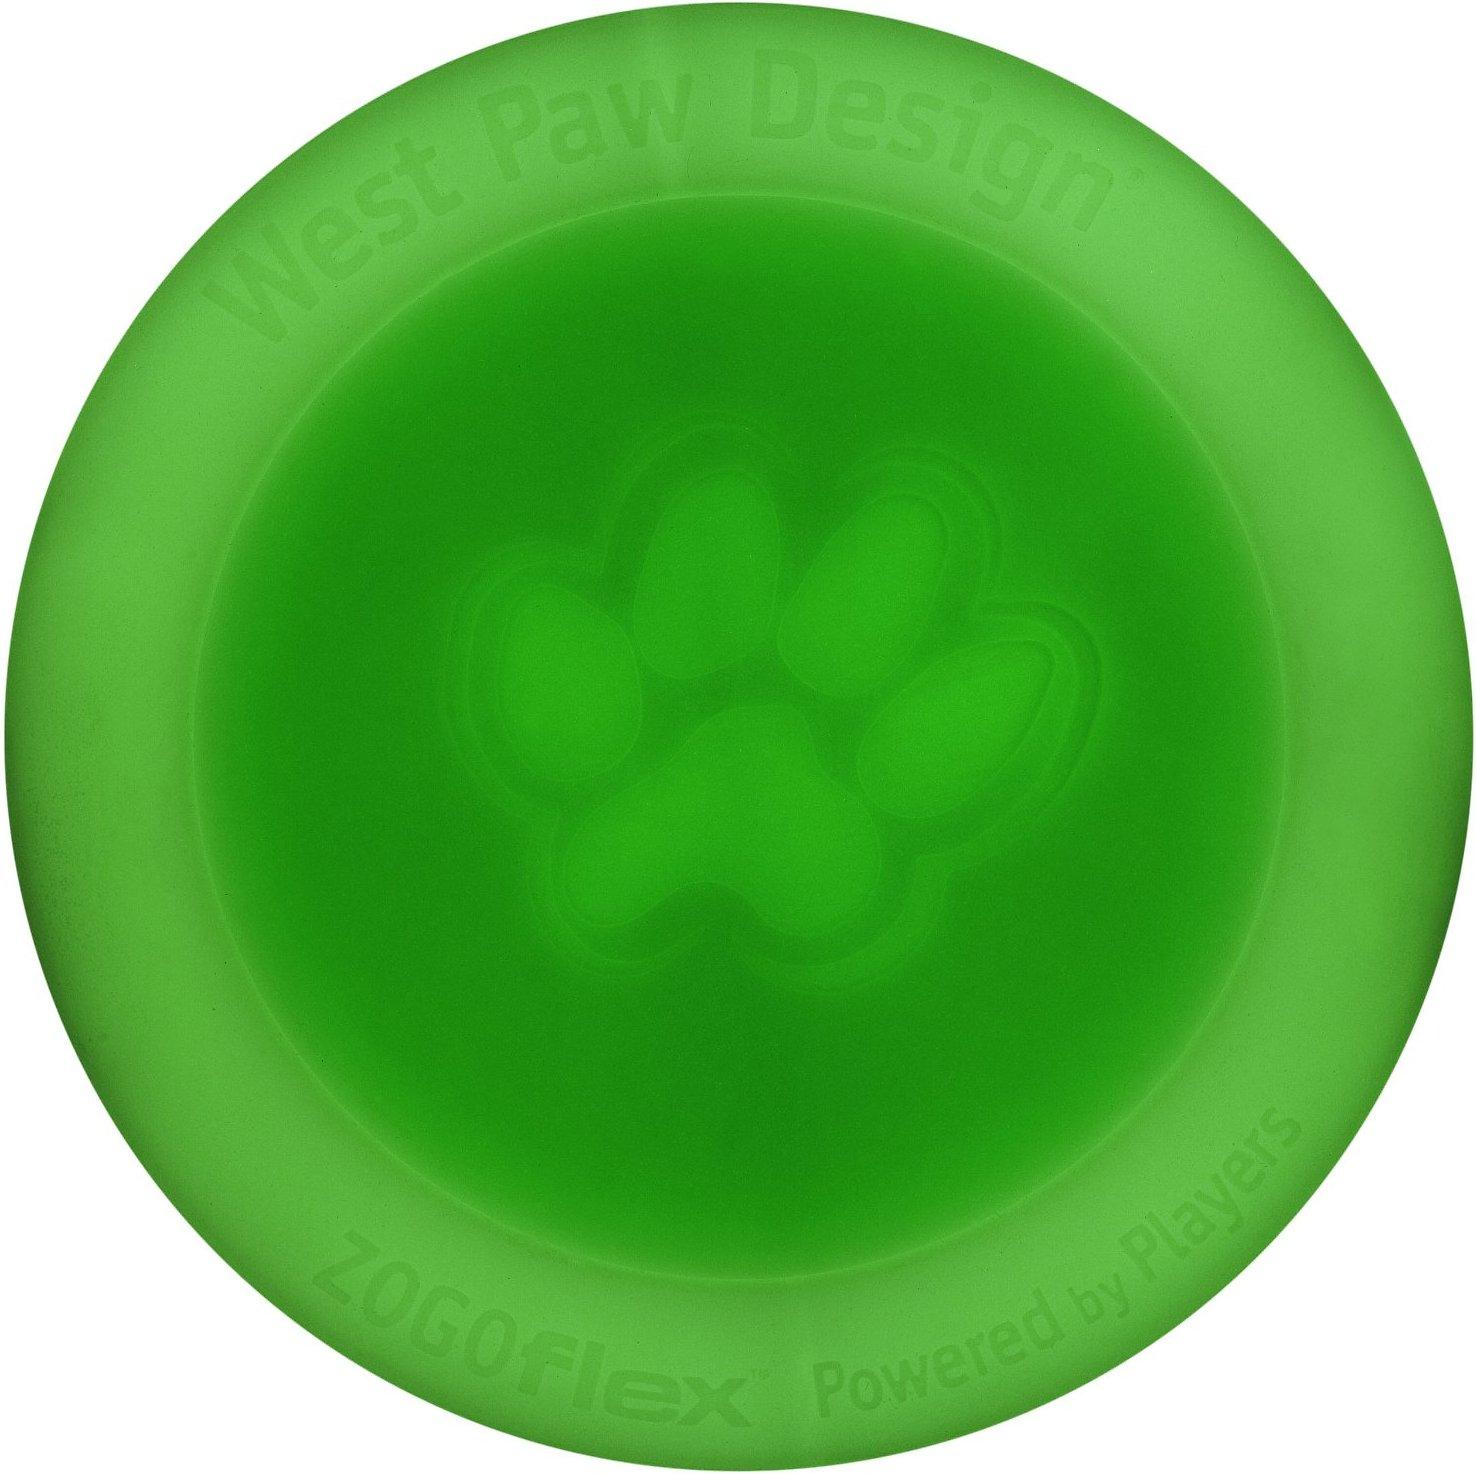 West Paw Zogoflex Zisc Dog Toy, Glow, Small